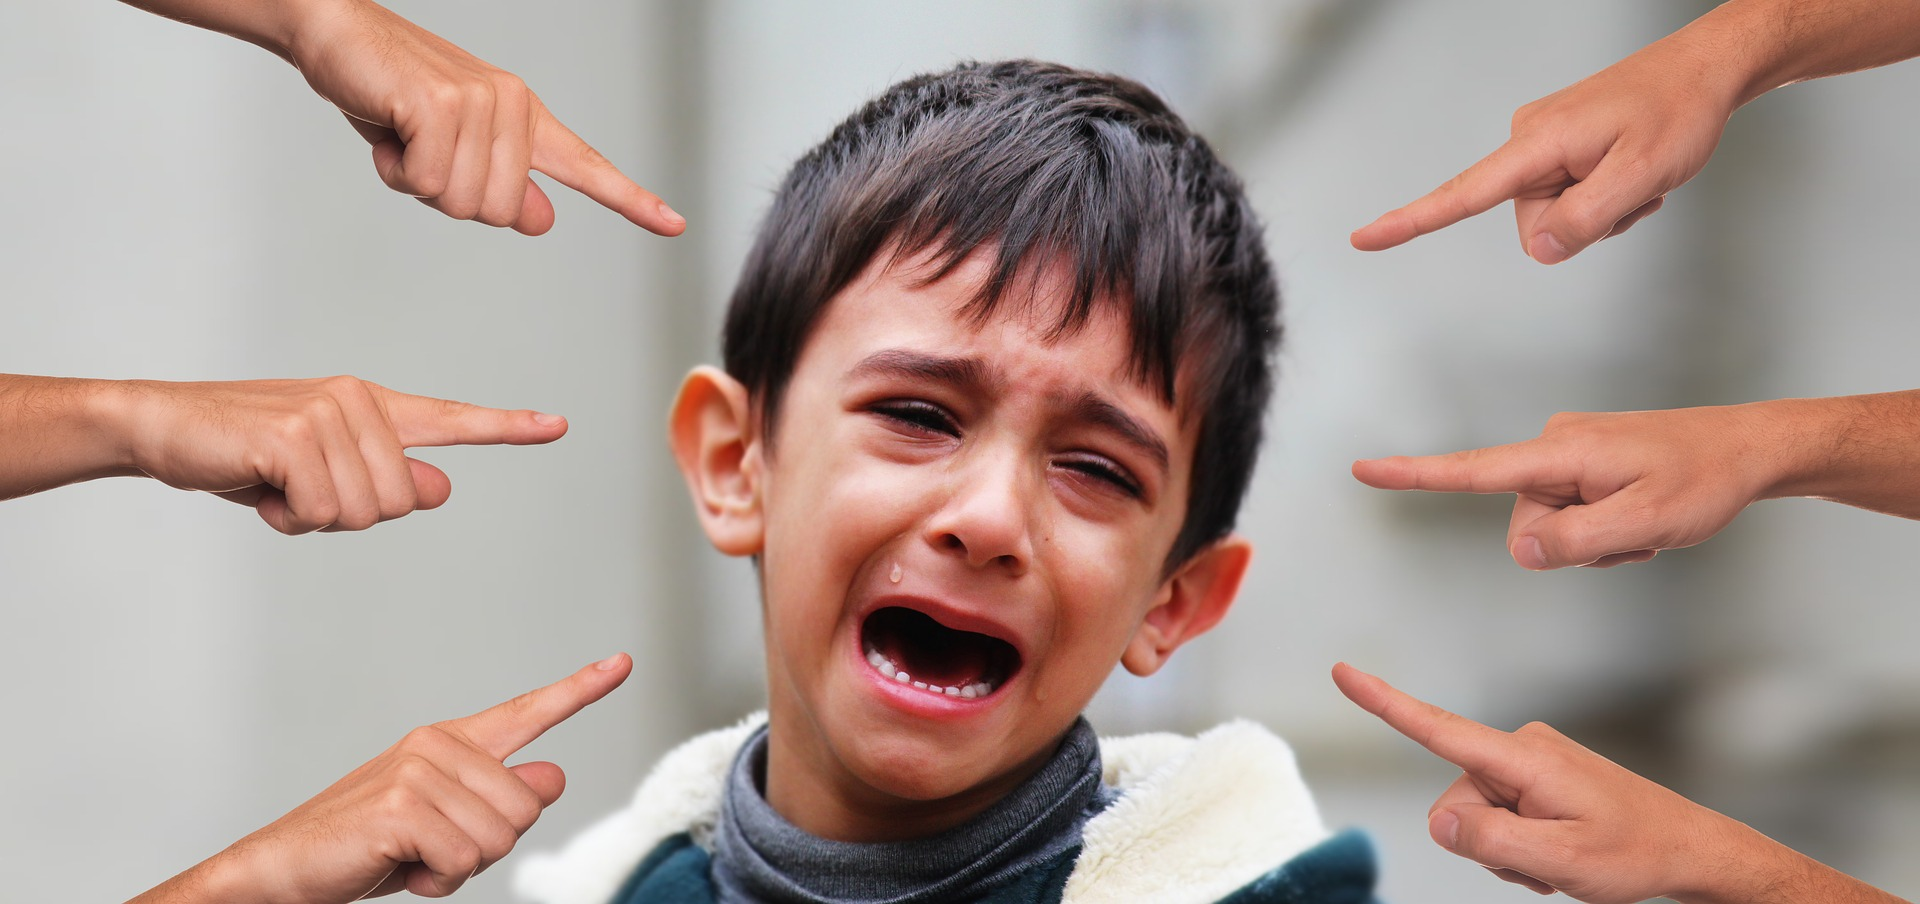 いじめられている子供の画像